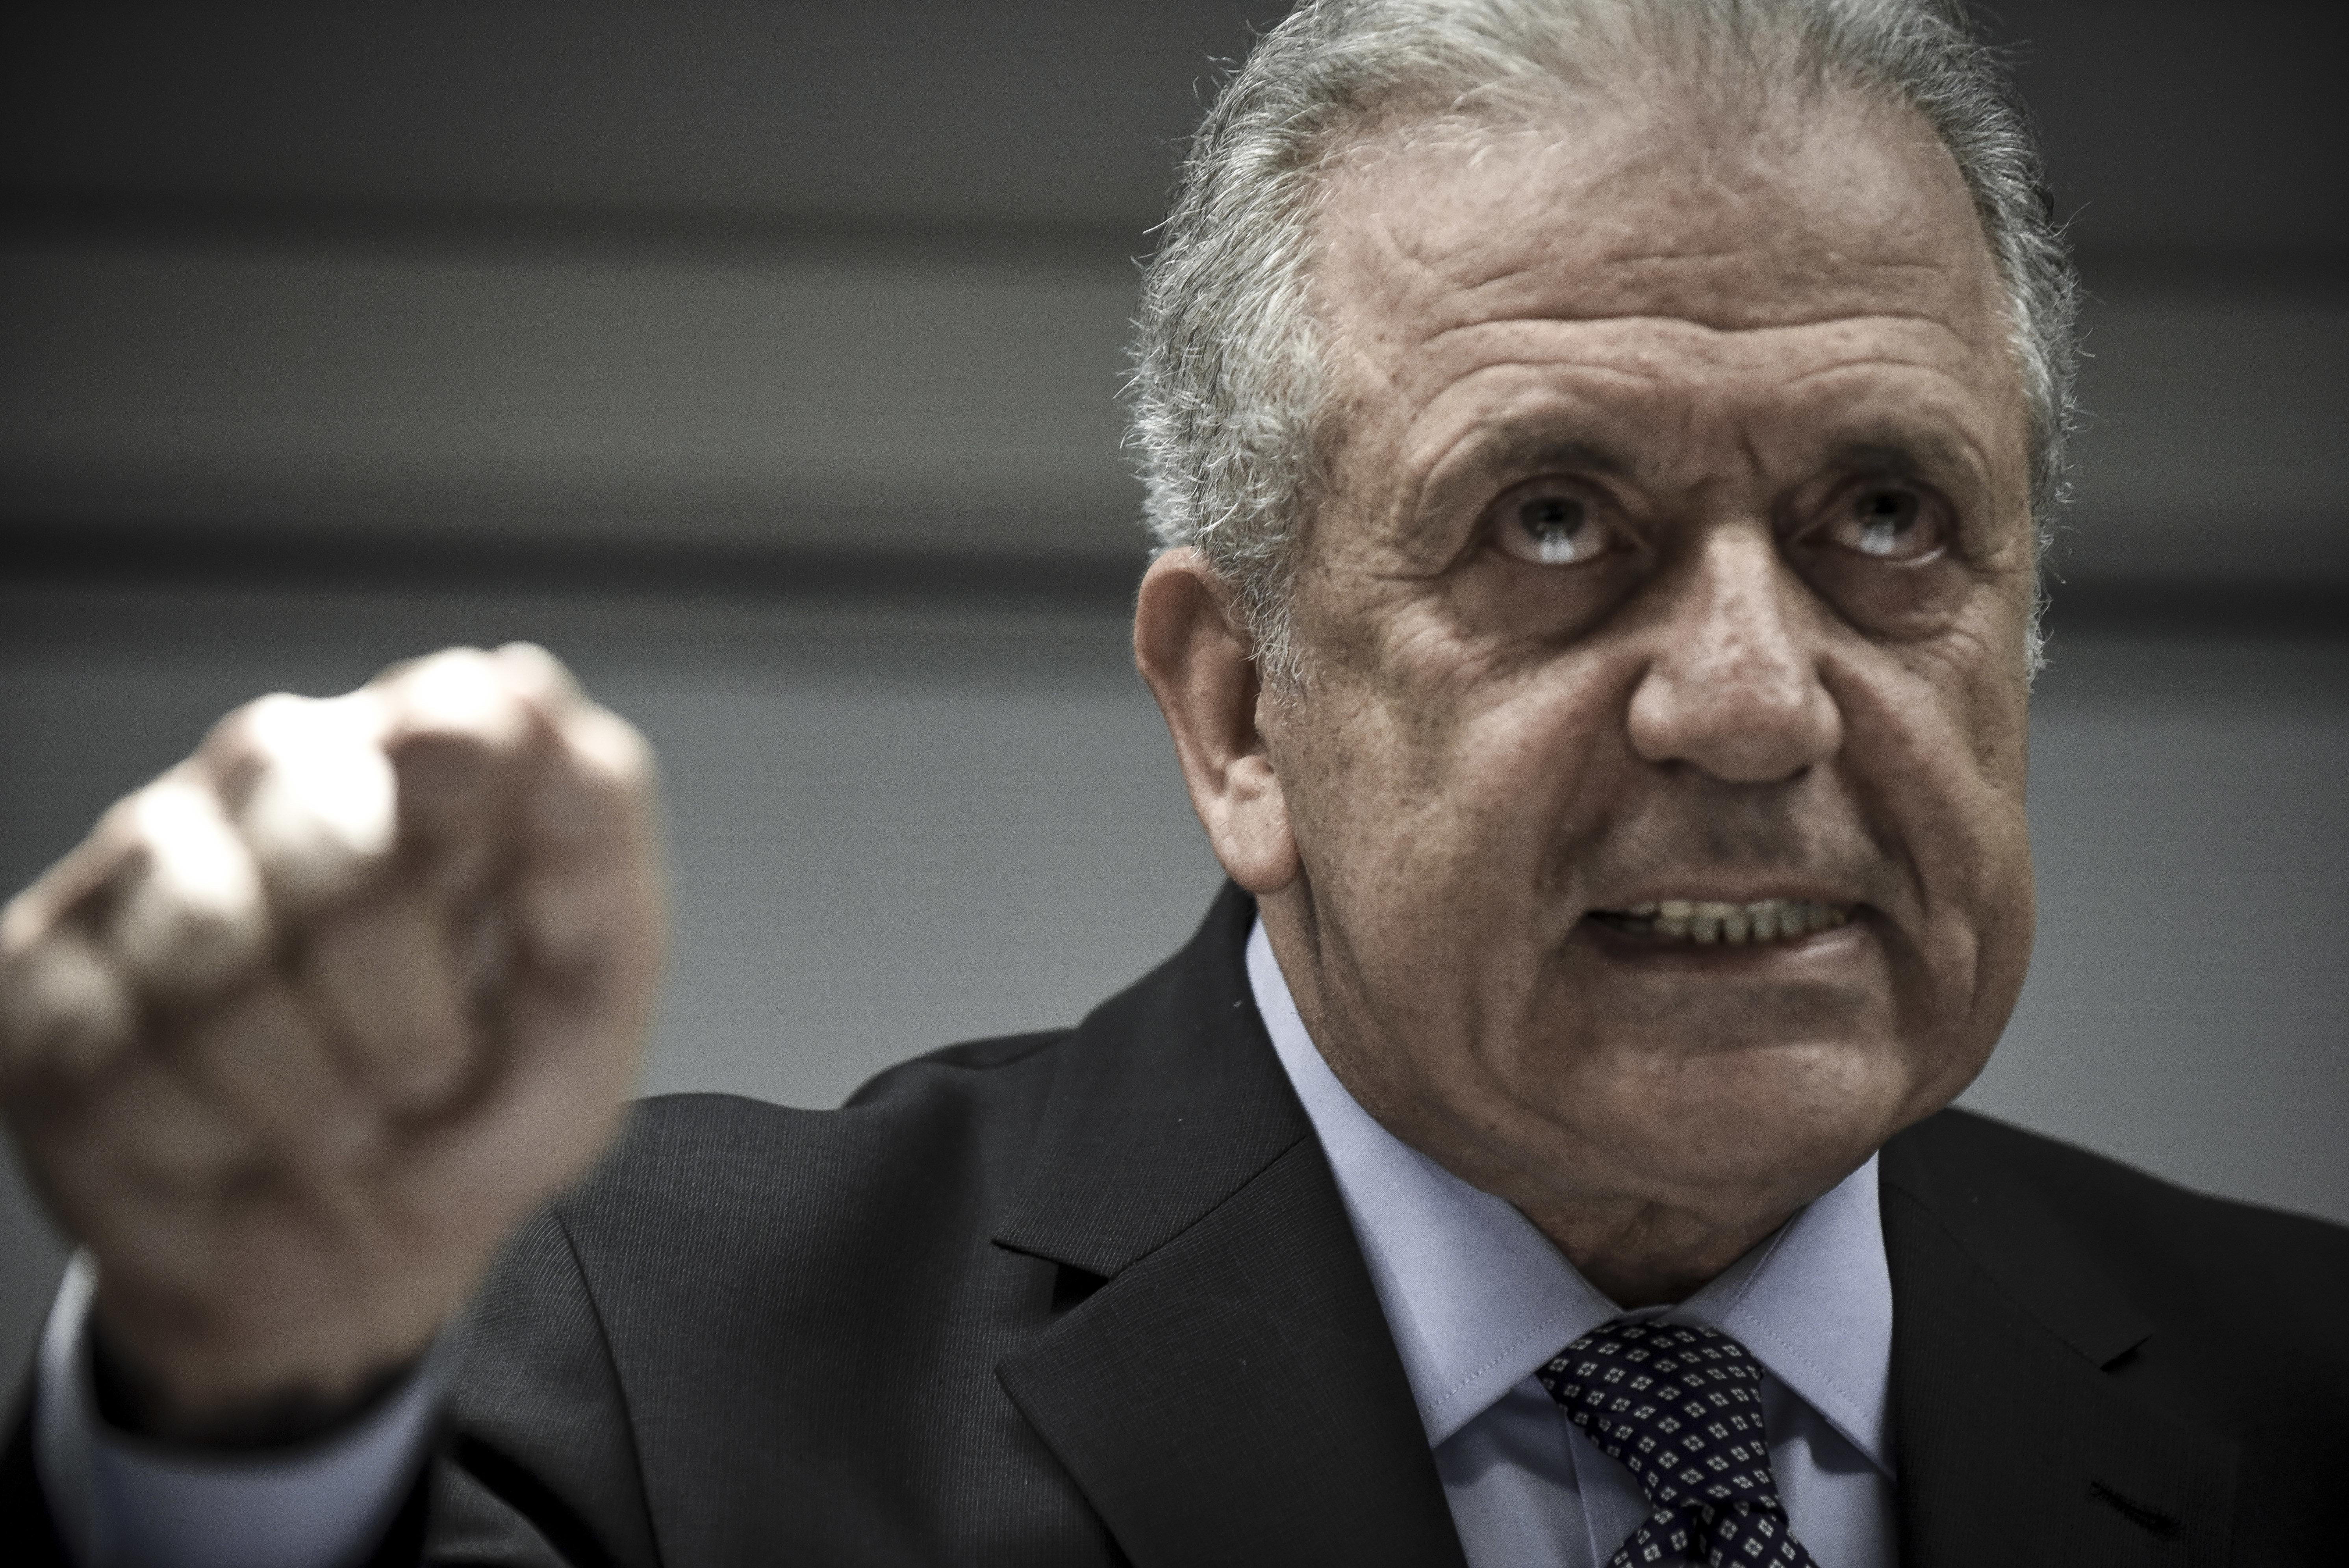 Στη Δικαιοσύνη Αβραμόπουλο προσέφυγε ο Αβραμόπουλος ζητώντας την αποκάλυψη των ονομάτων των προστατευόμενων